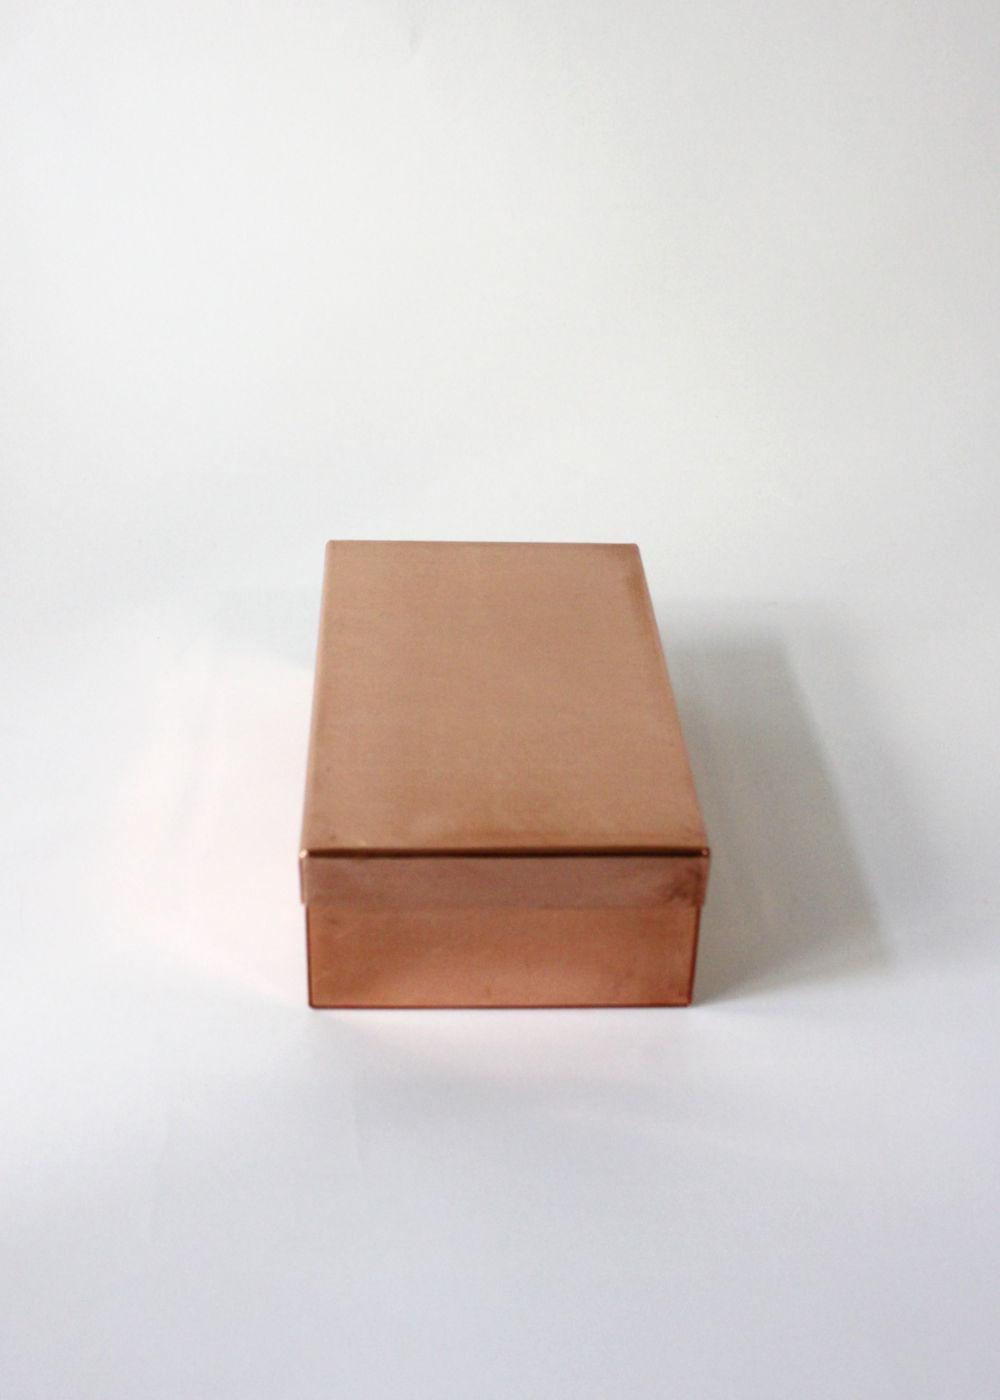 SyuRo-SquareCan-Copper-Large1